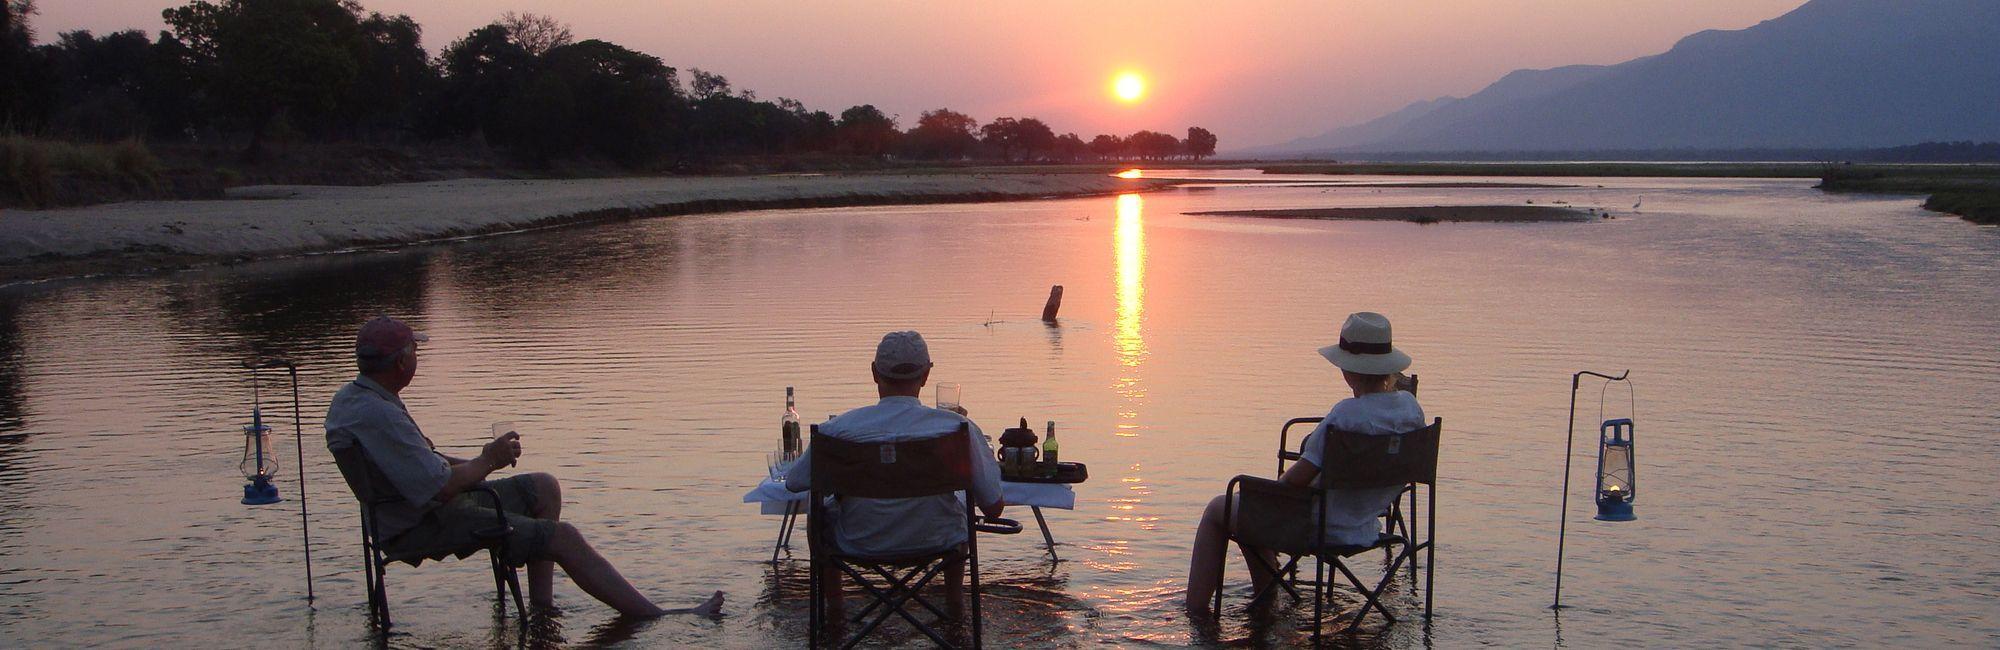 Zimbabwe Sunset